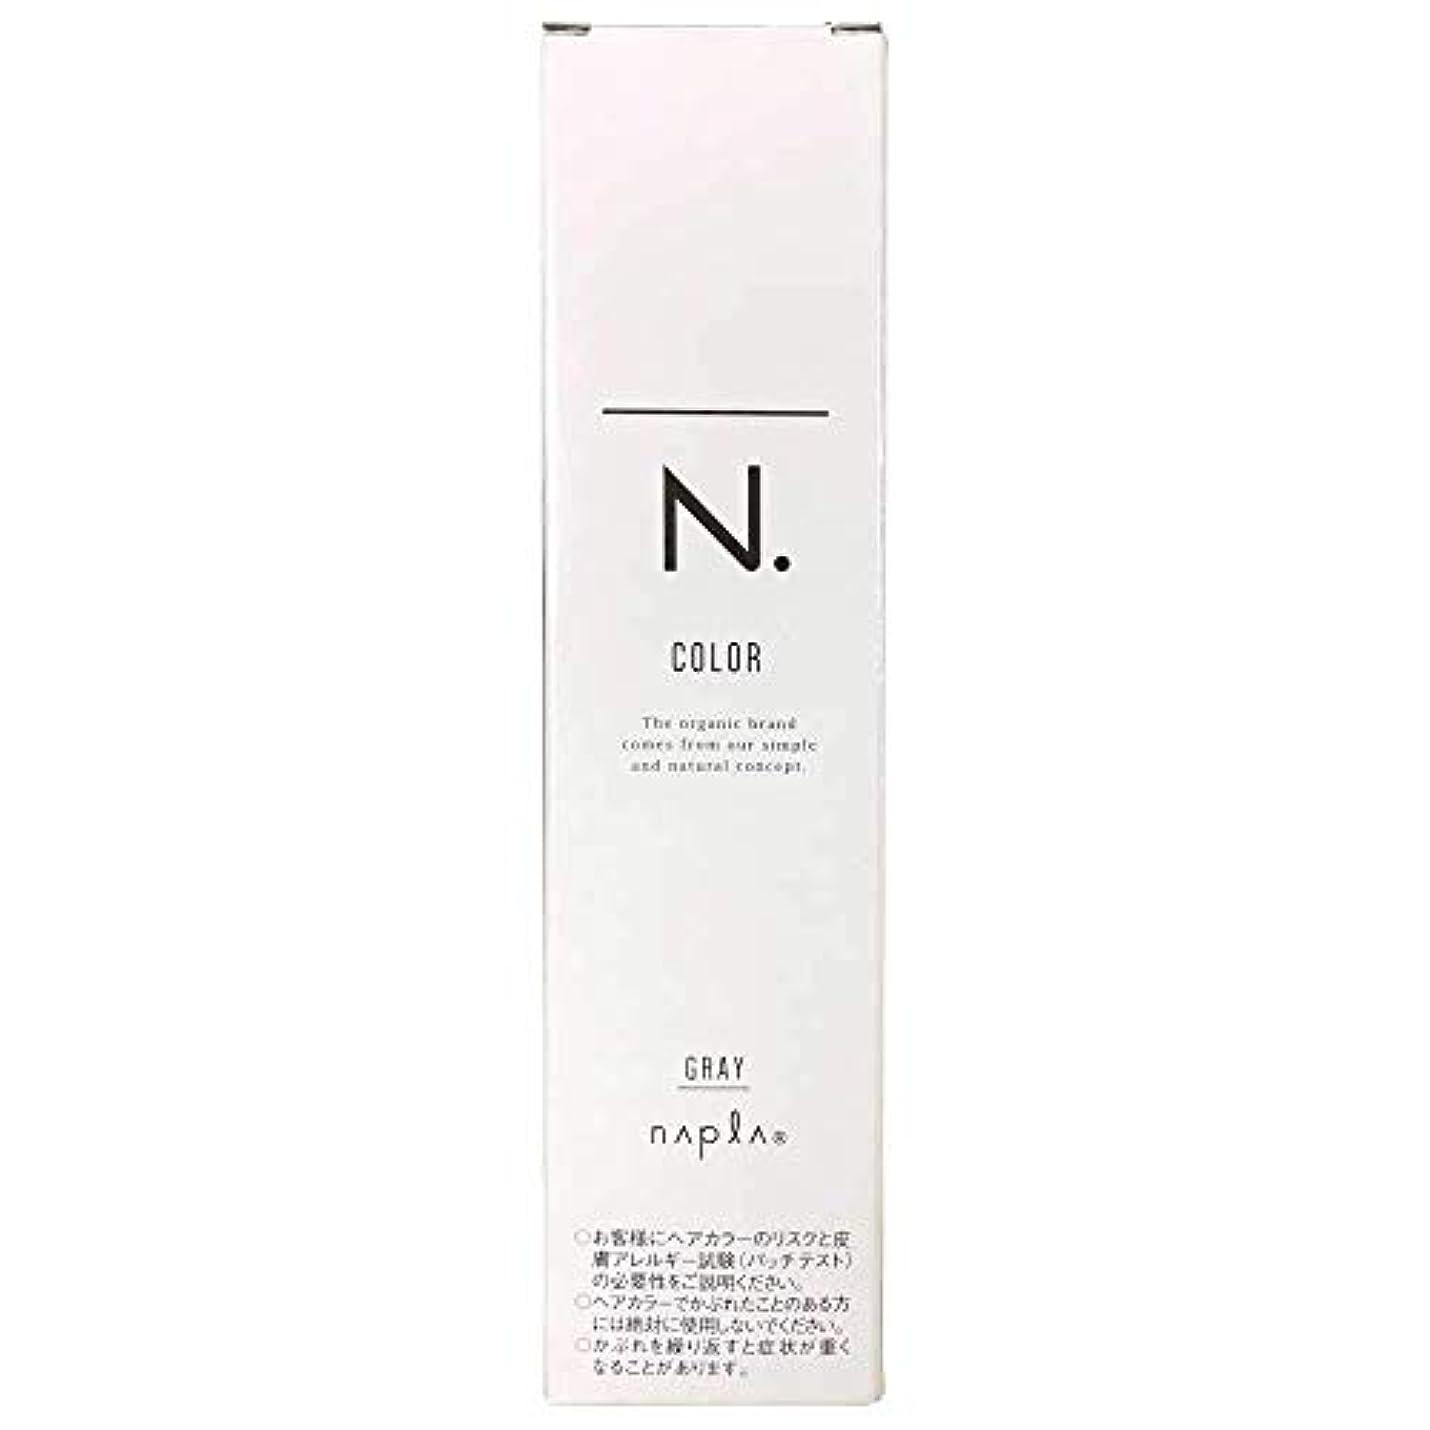 パンダ八このナプラ エヌドットカラー グレイファッション 第1剤 80g (G-3NB)